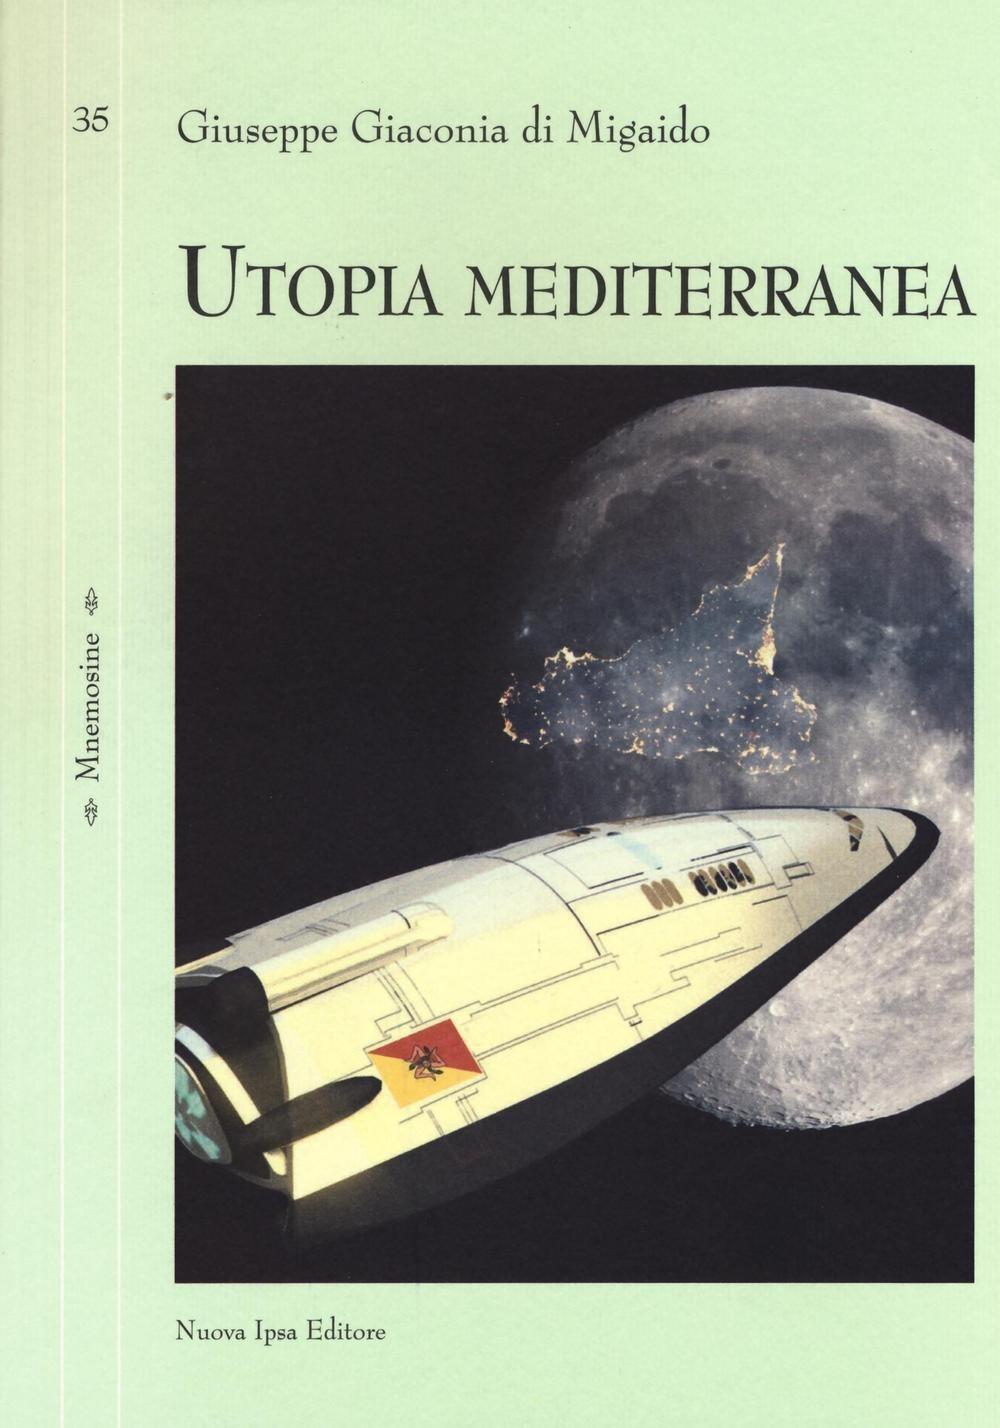 utopie_mediterranee